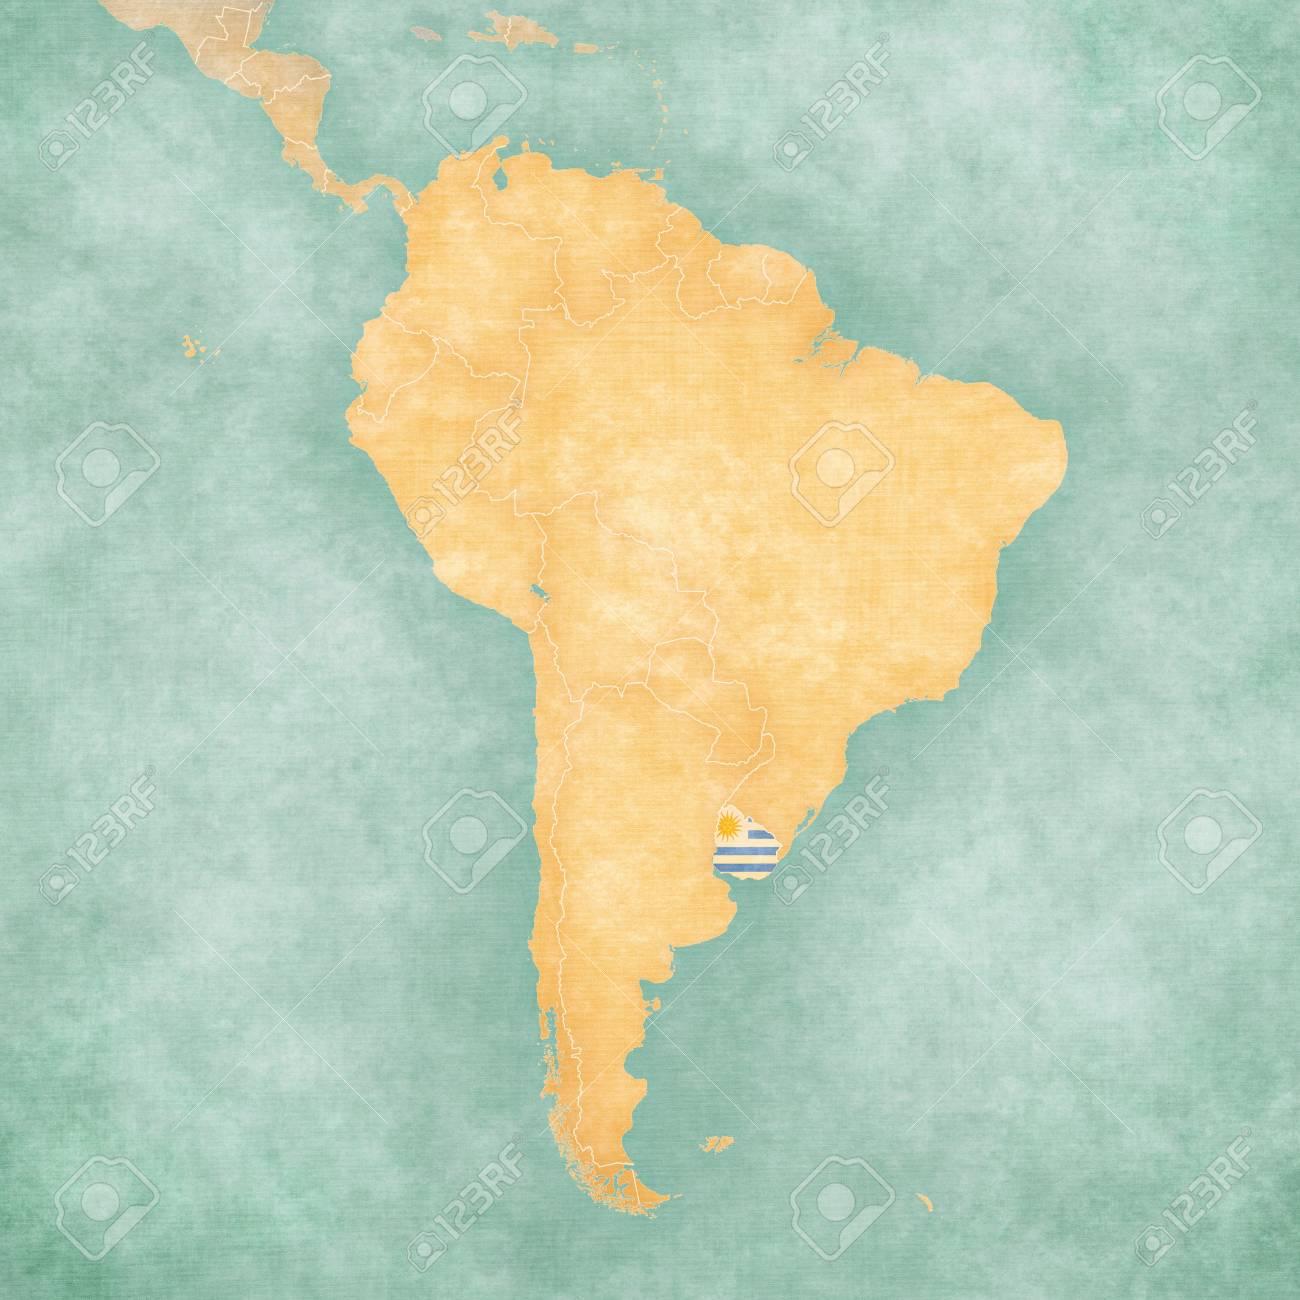 Carte Amerique Latine Uruguay.Uruguay Uruguayen Drapeau Sur La Carte De L Amerique Du Sud La Carte